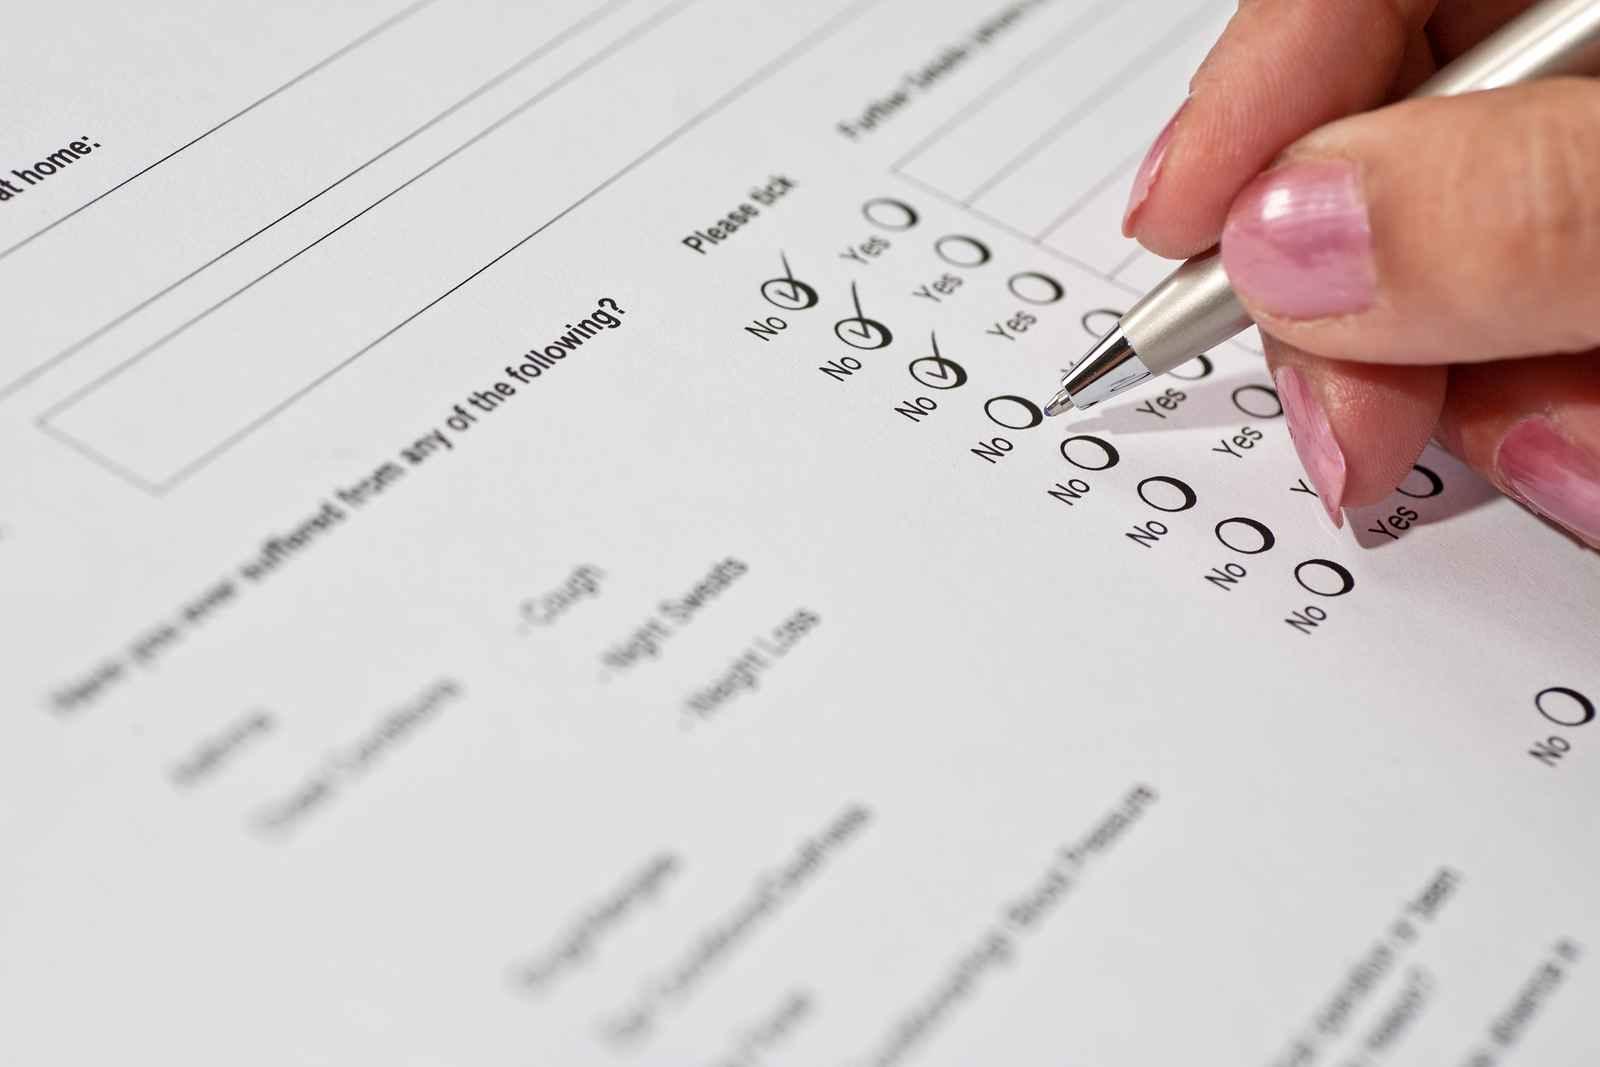 copy questionnaire